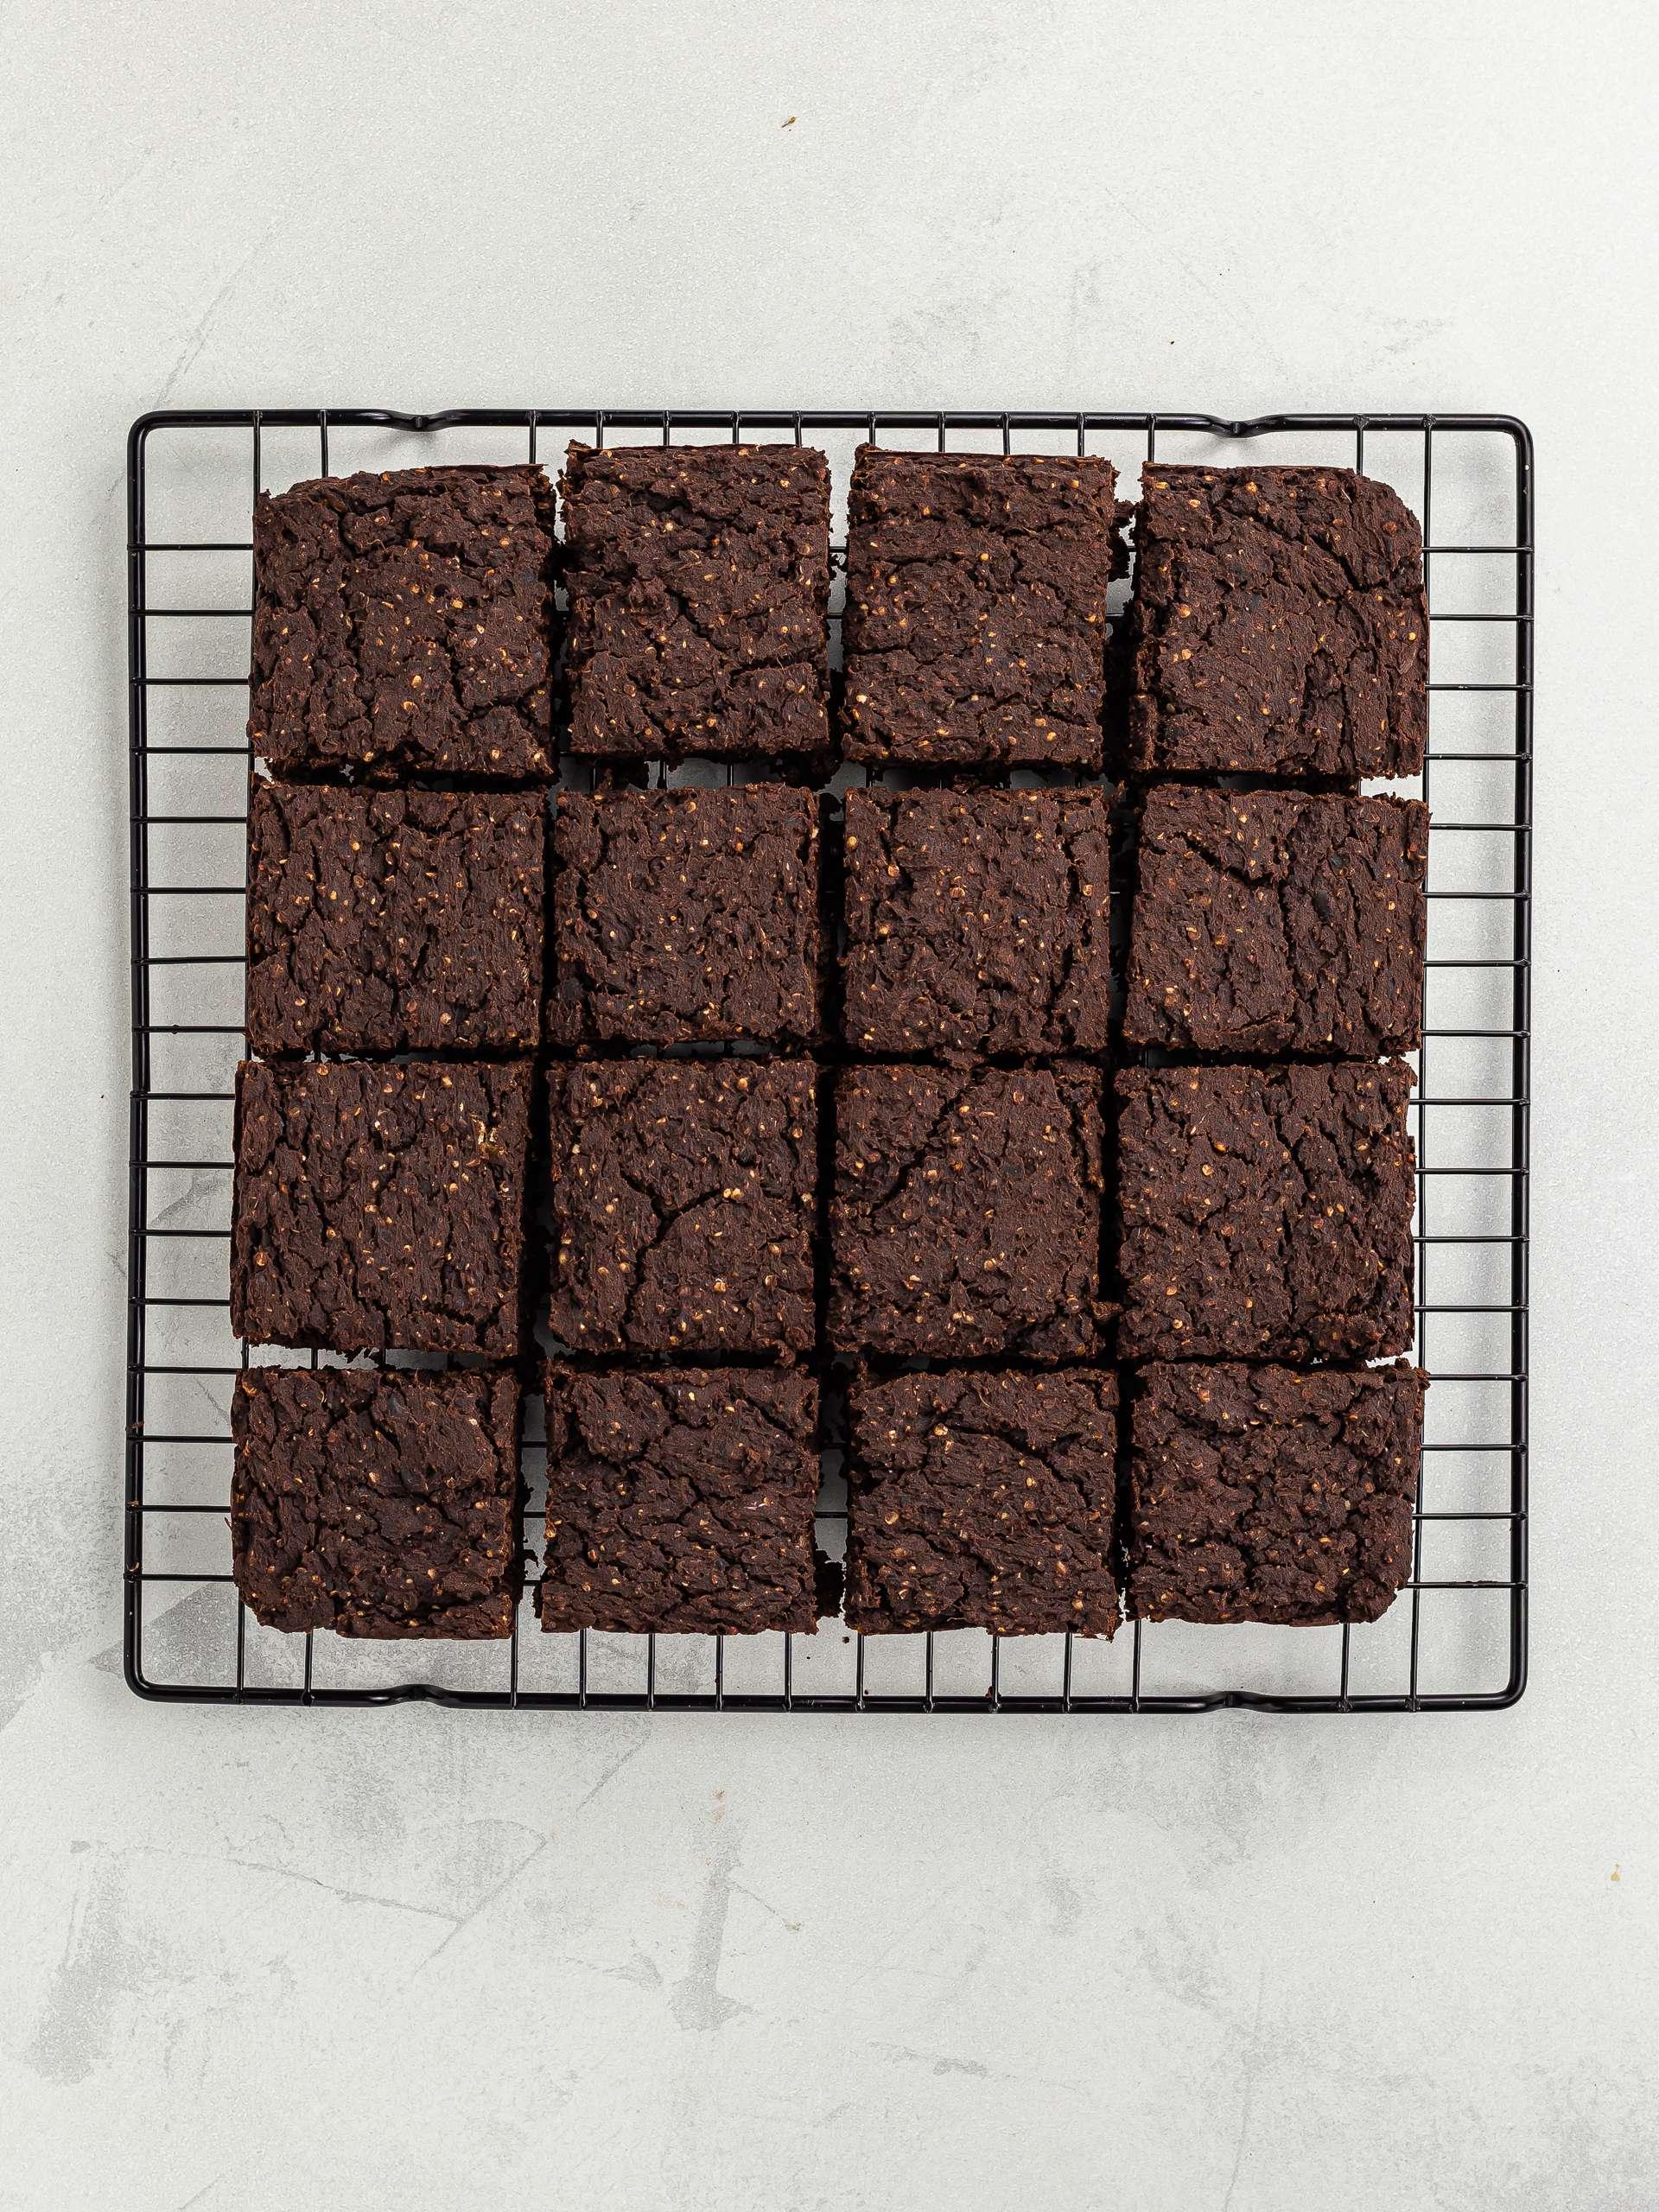 baked hemp brownies squares